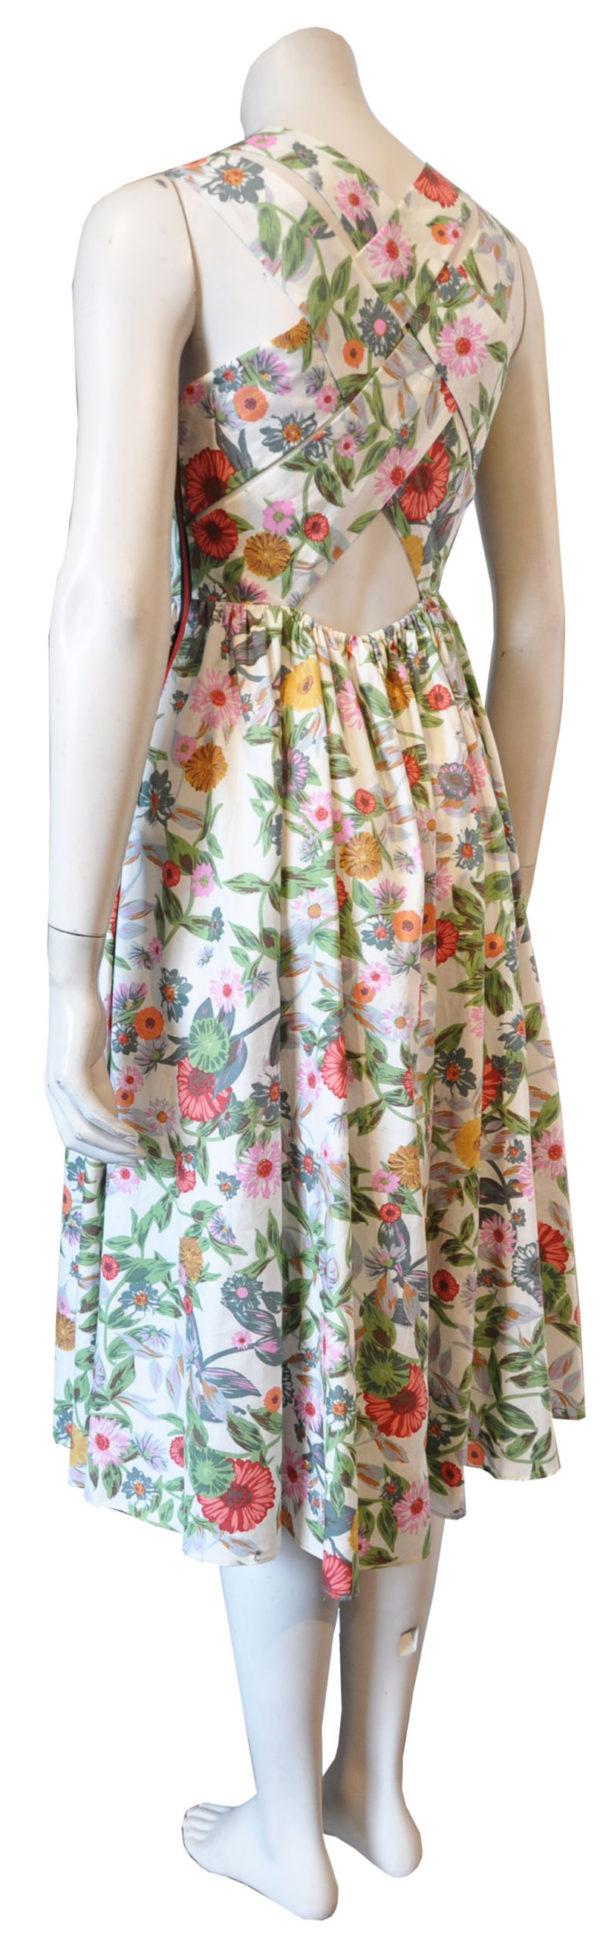 floral cross back dress- back